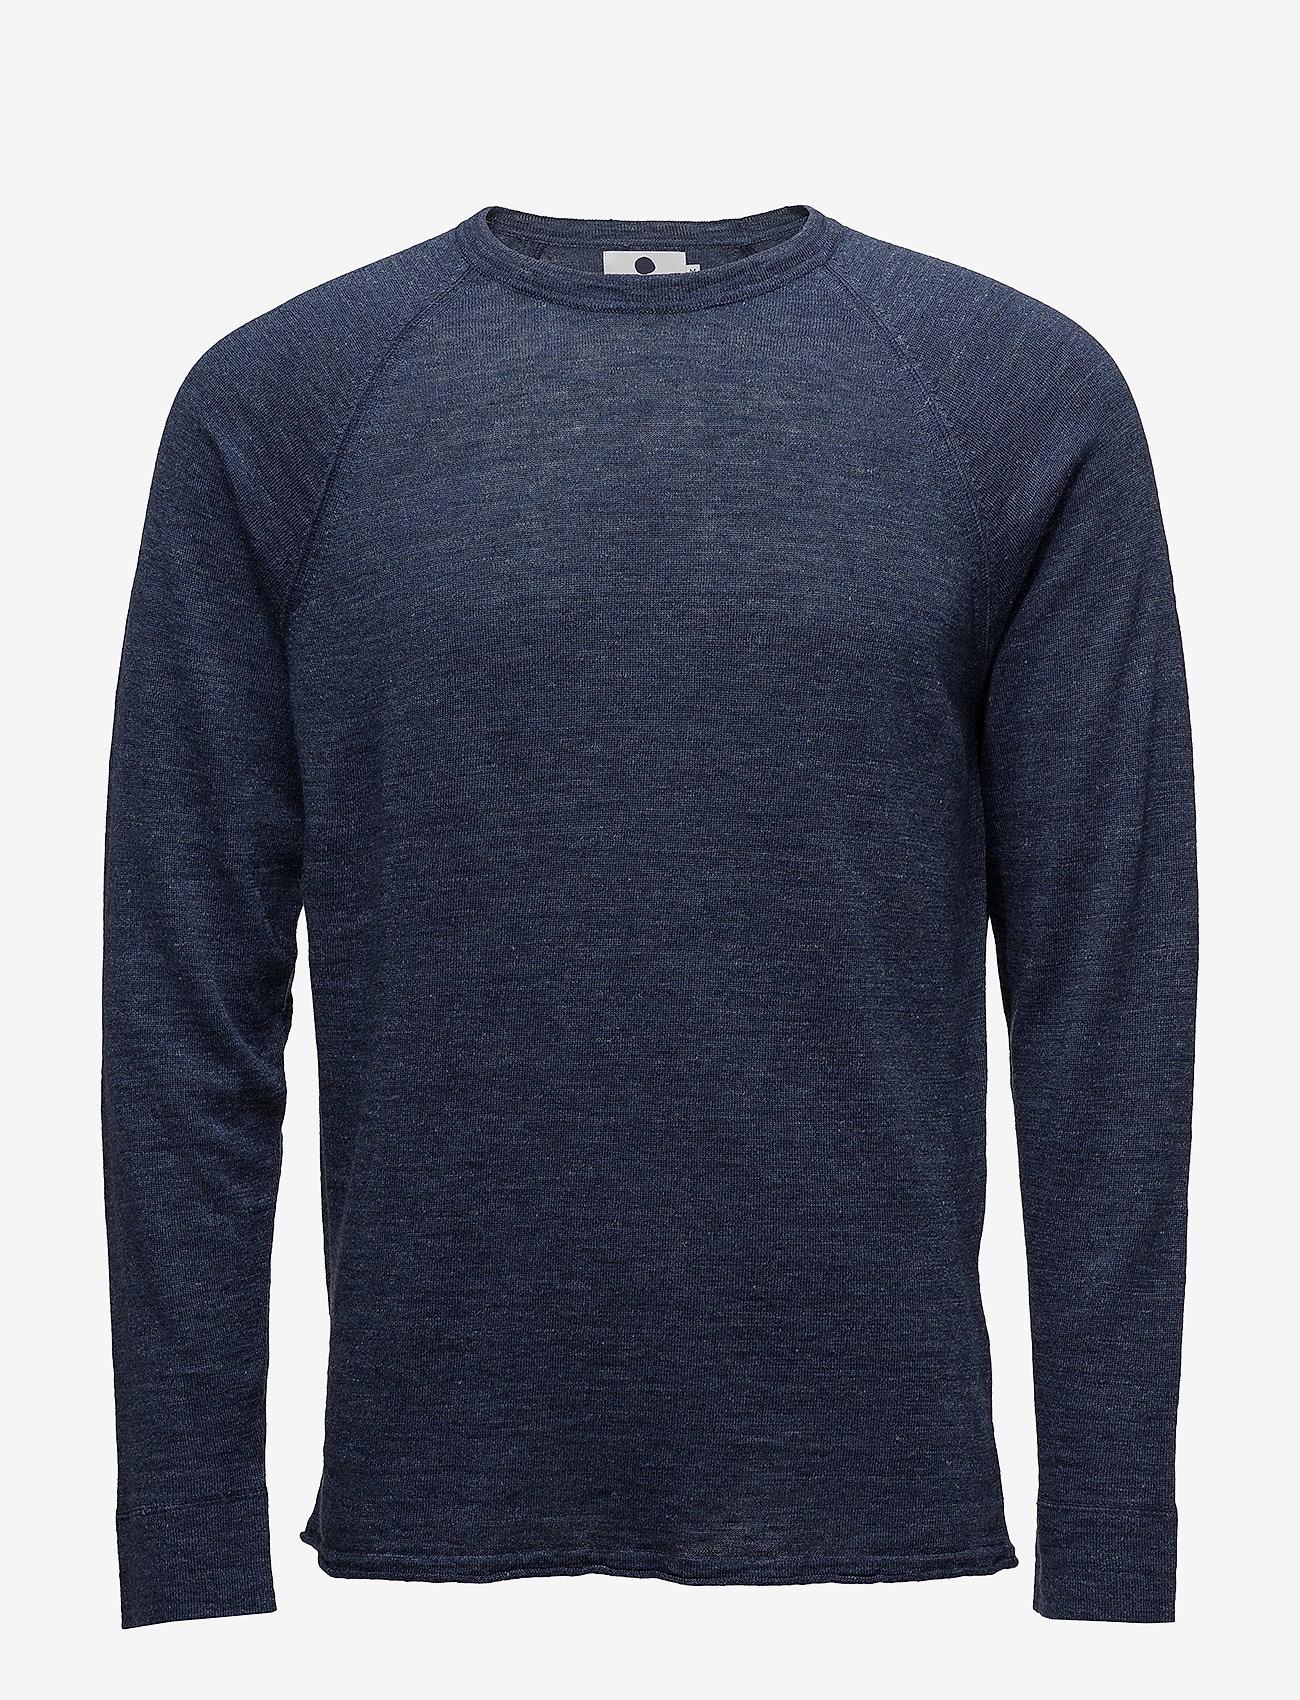 NN07 - Casper 6201 - knitted round necks - navy melange